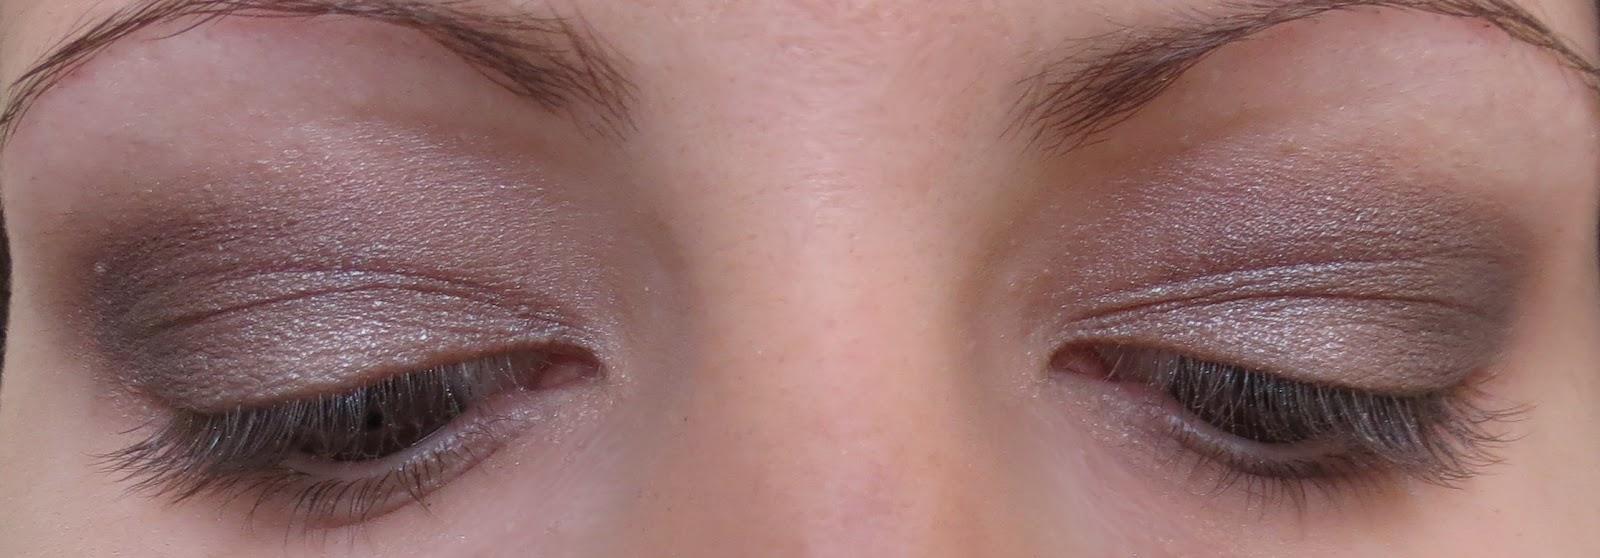 L 39 univers d 39 am lie maquillage brun avec sleek - Porte pinceau maquillage ...